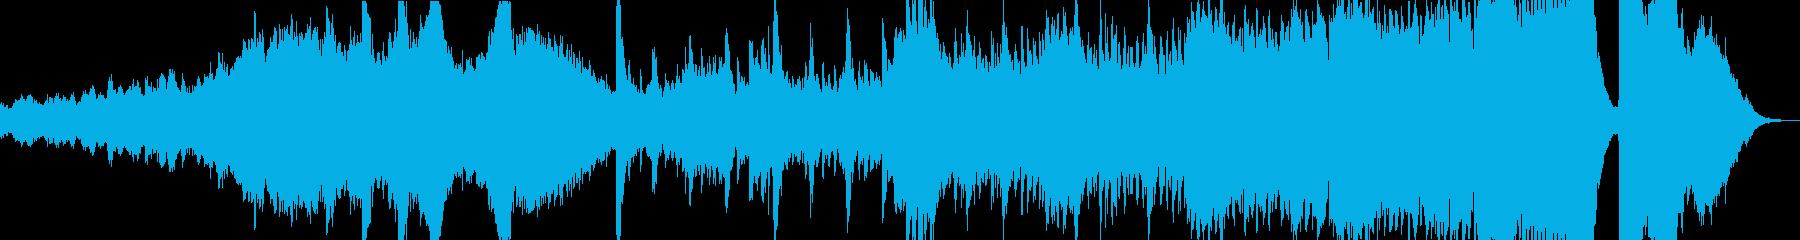 激しく壮大なストリングスの再生済みの波形